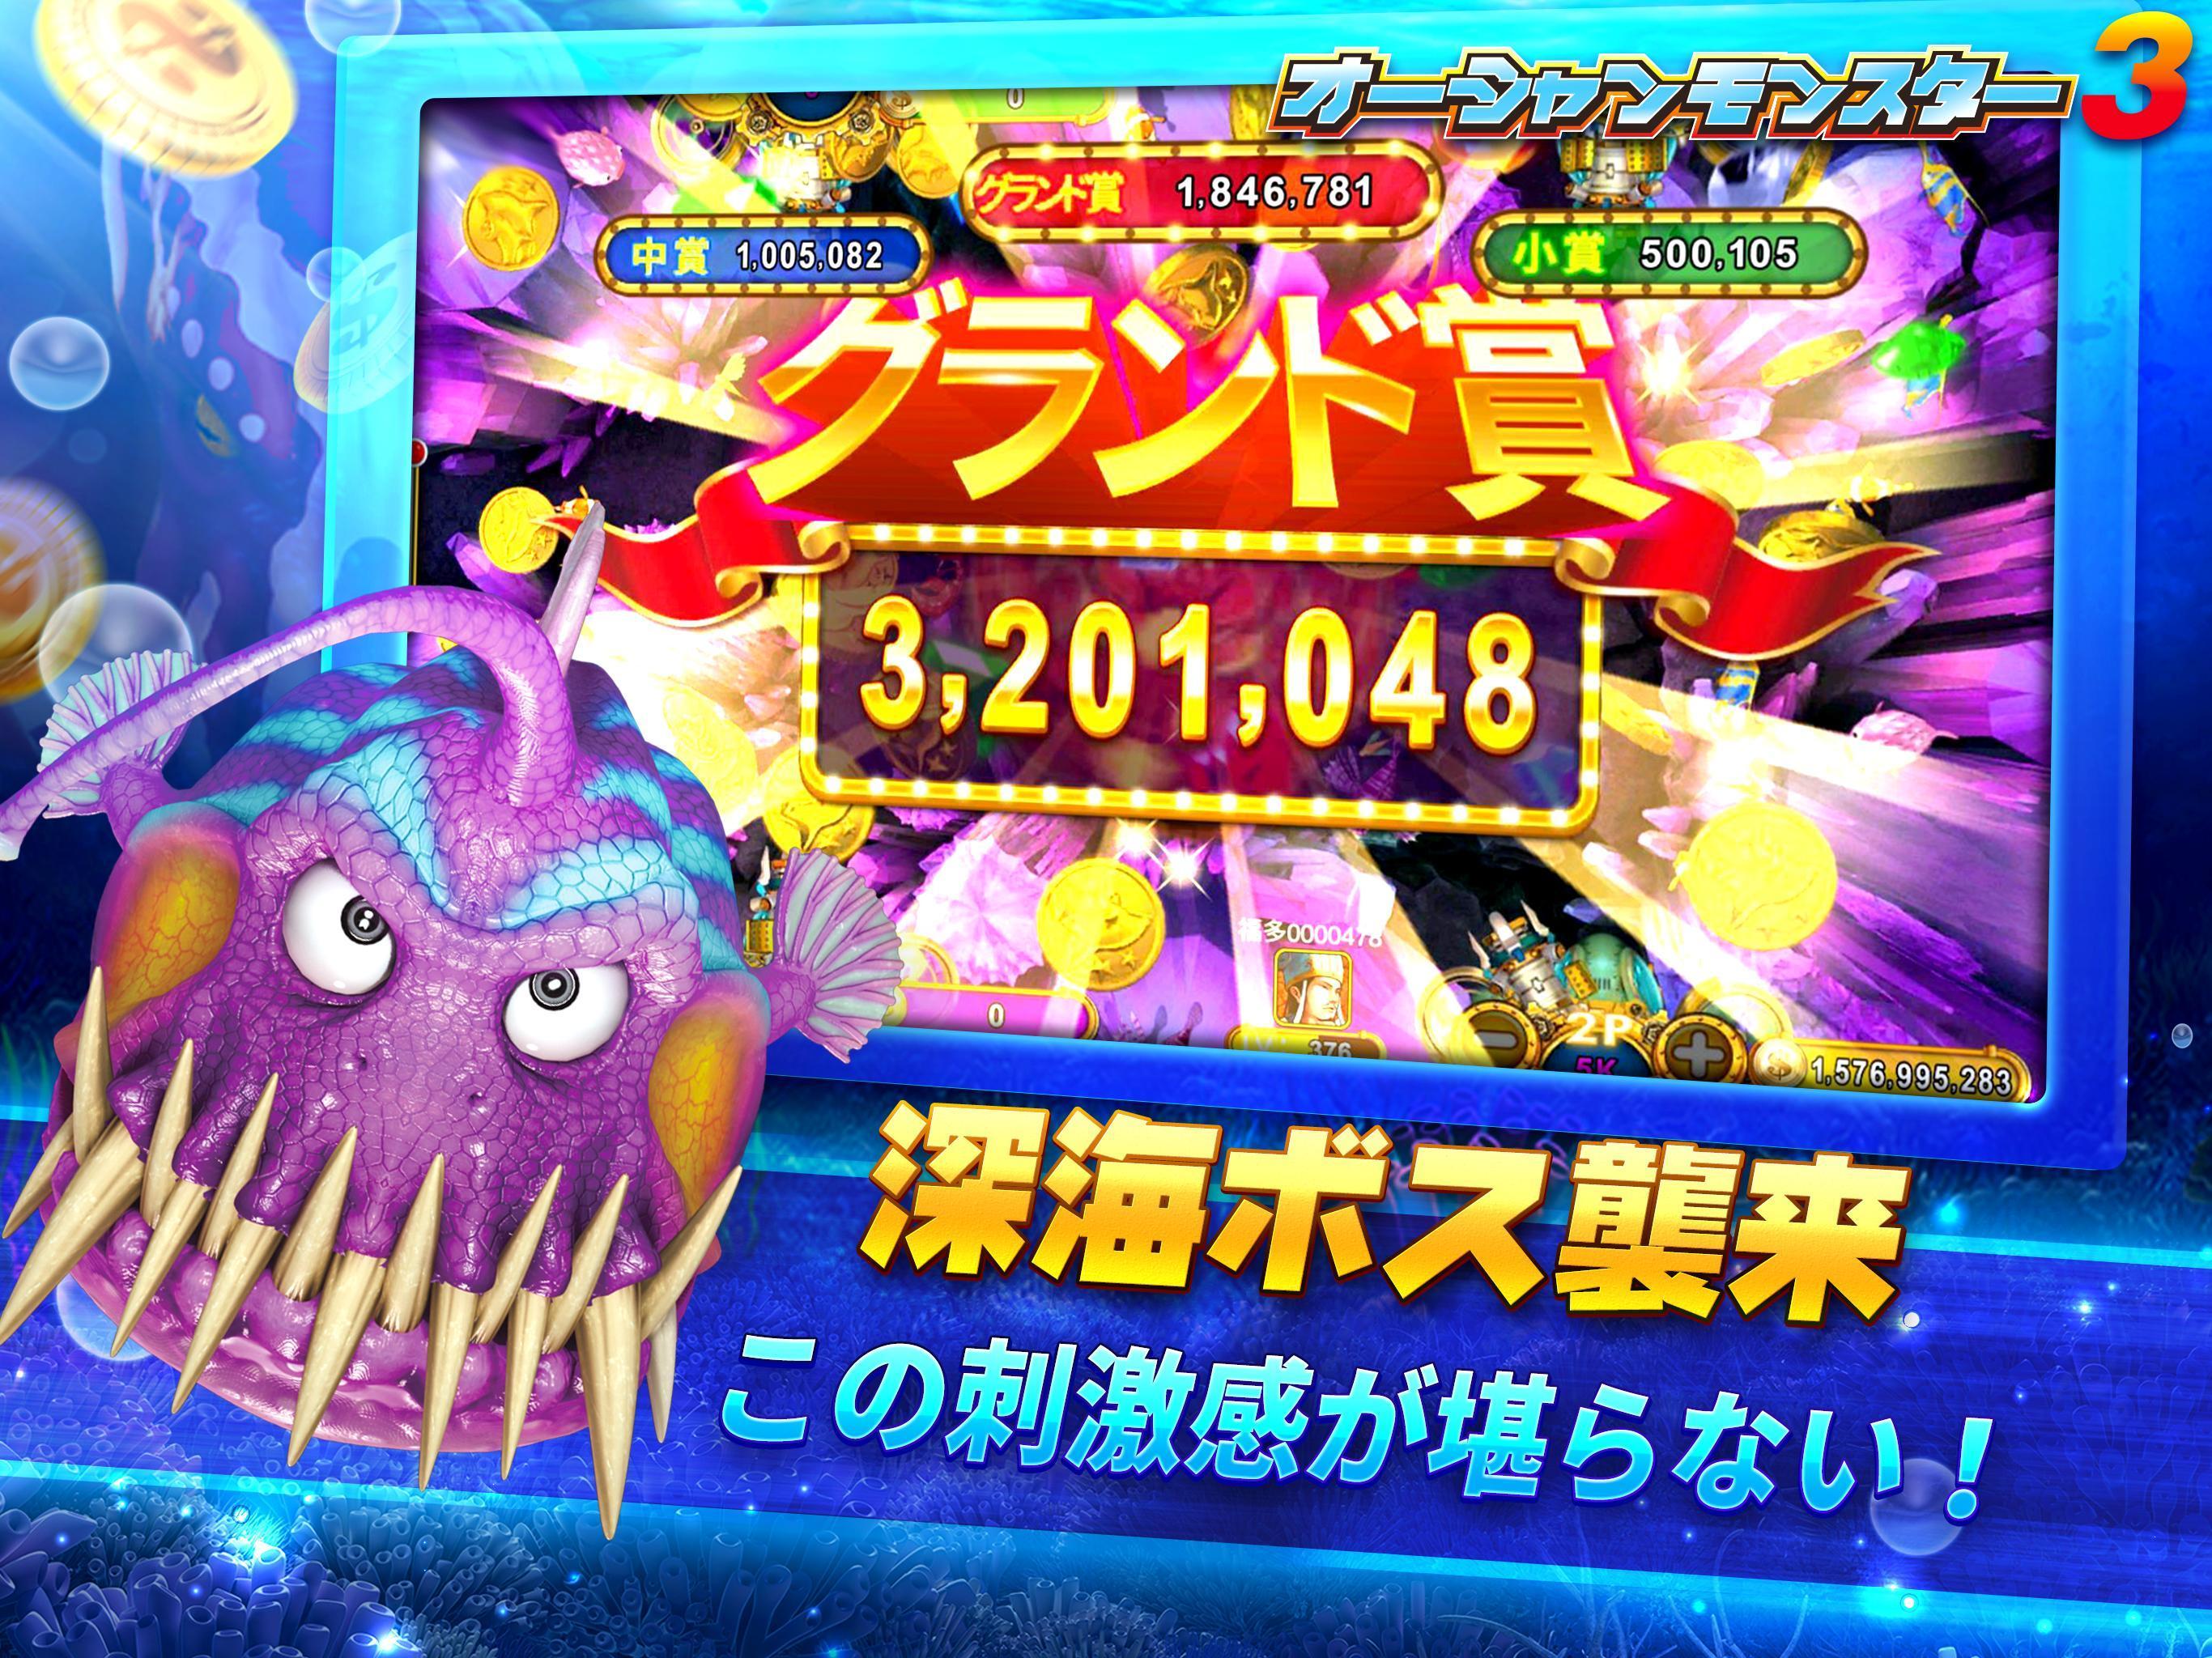 スーパーラッキーカジノ ~ オーシャンモンスター、スロット、サイコロ、ポーカー 3.14.1 Screenshot 9